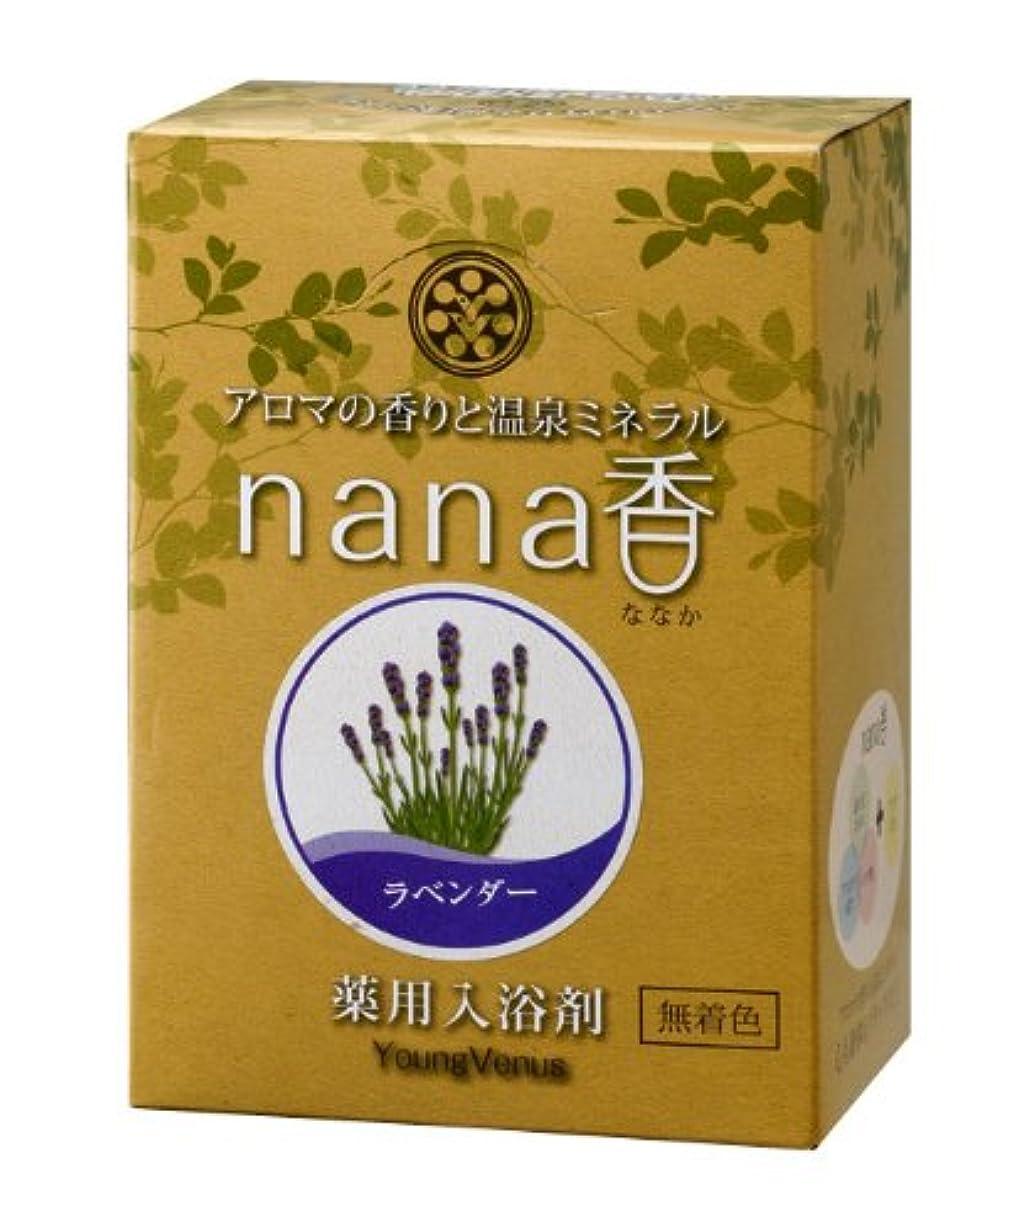 印象セージ減少nana香 02ラベンダー 60g5袋入り